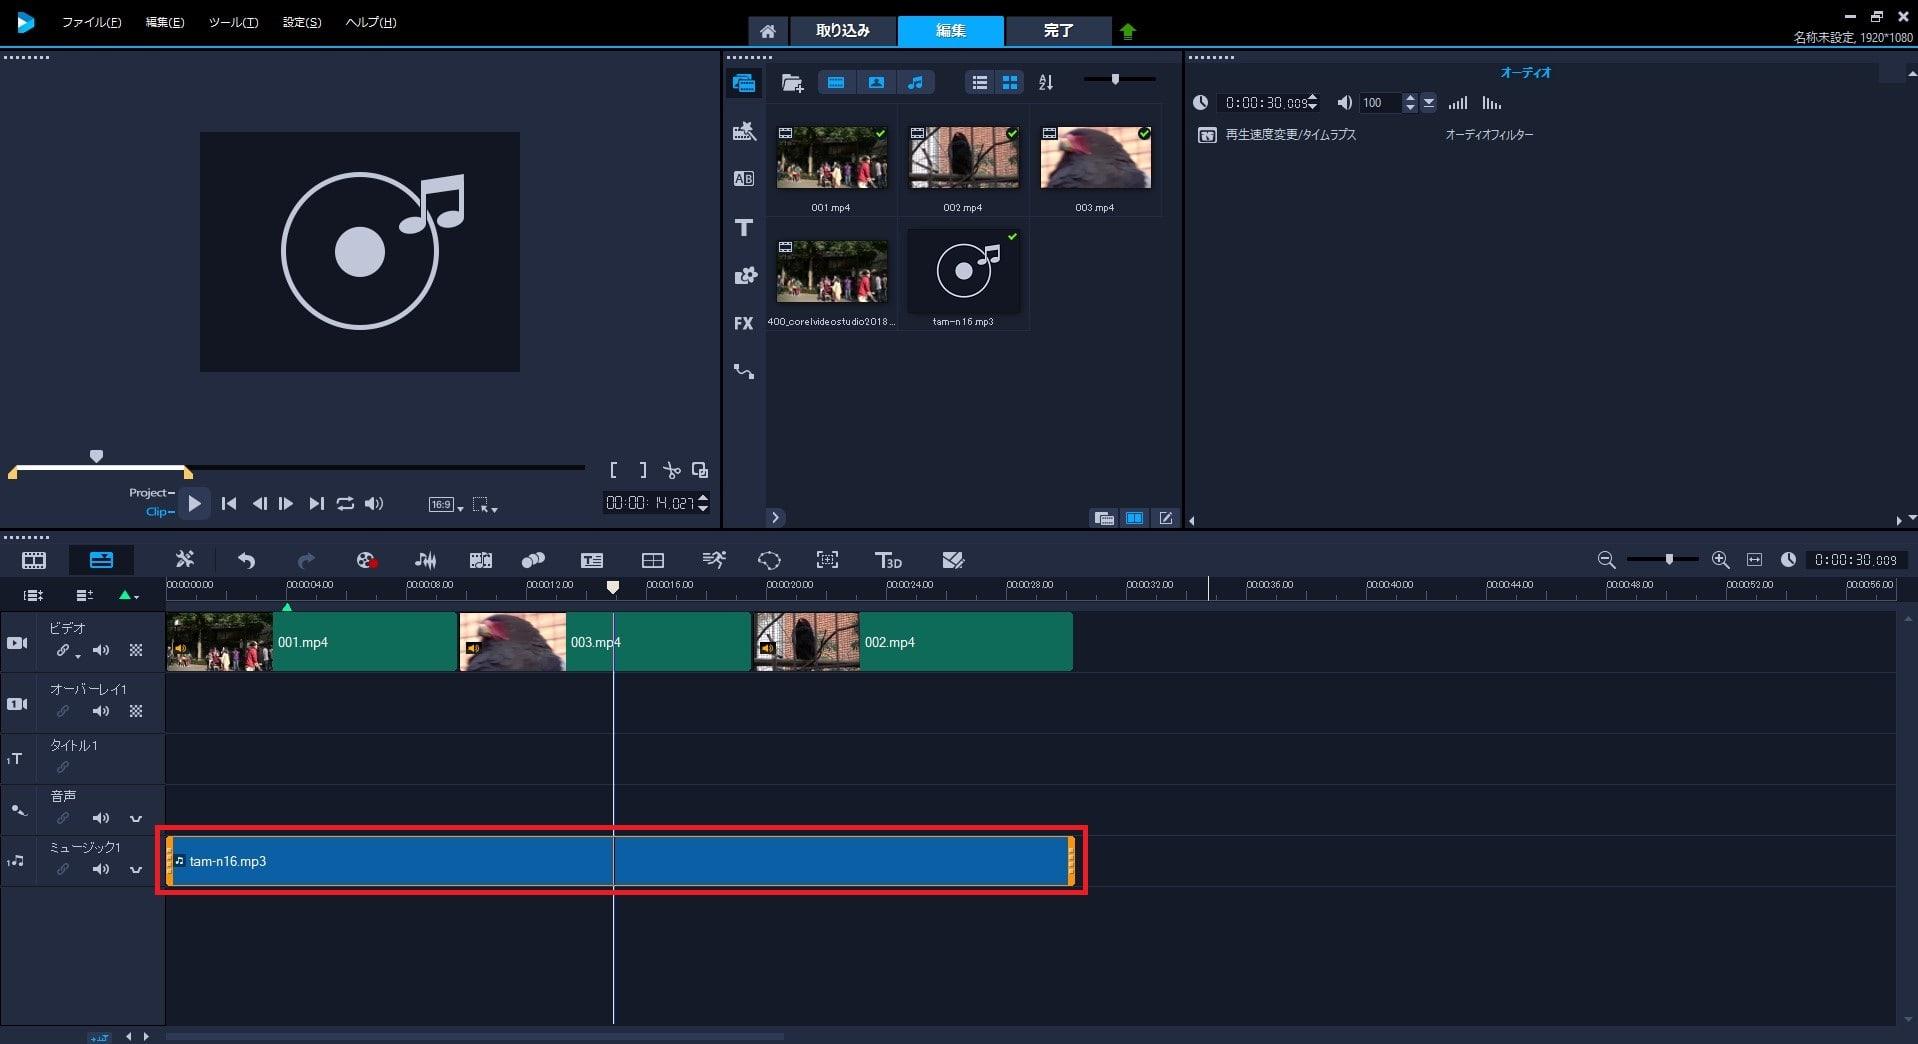 動画編集ソフトCorel VideoStudio 2018 タイムラインの音楽ファイルの音量を調整する方法